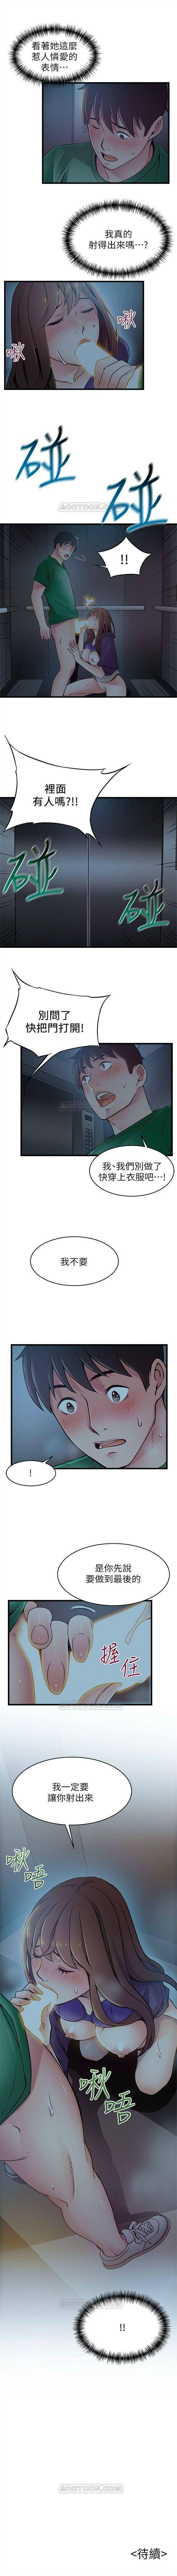 (週7)弱點 1-76 中文翻譯(更新中) 398